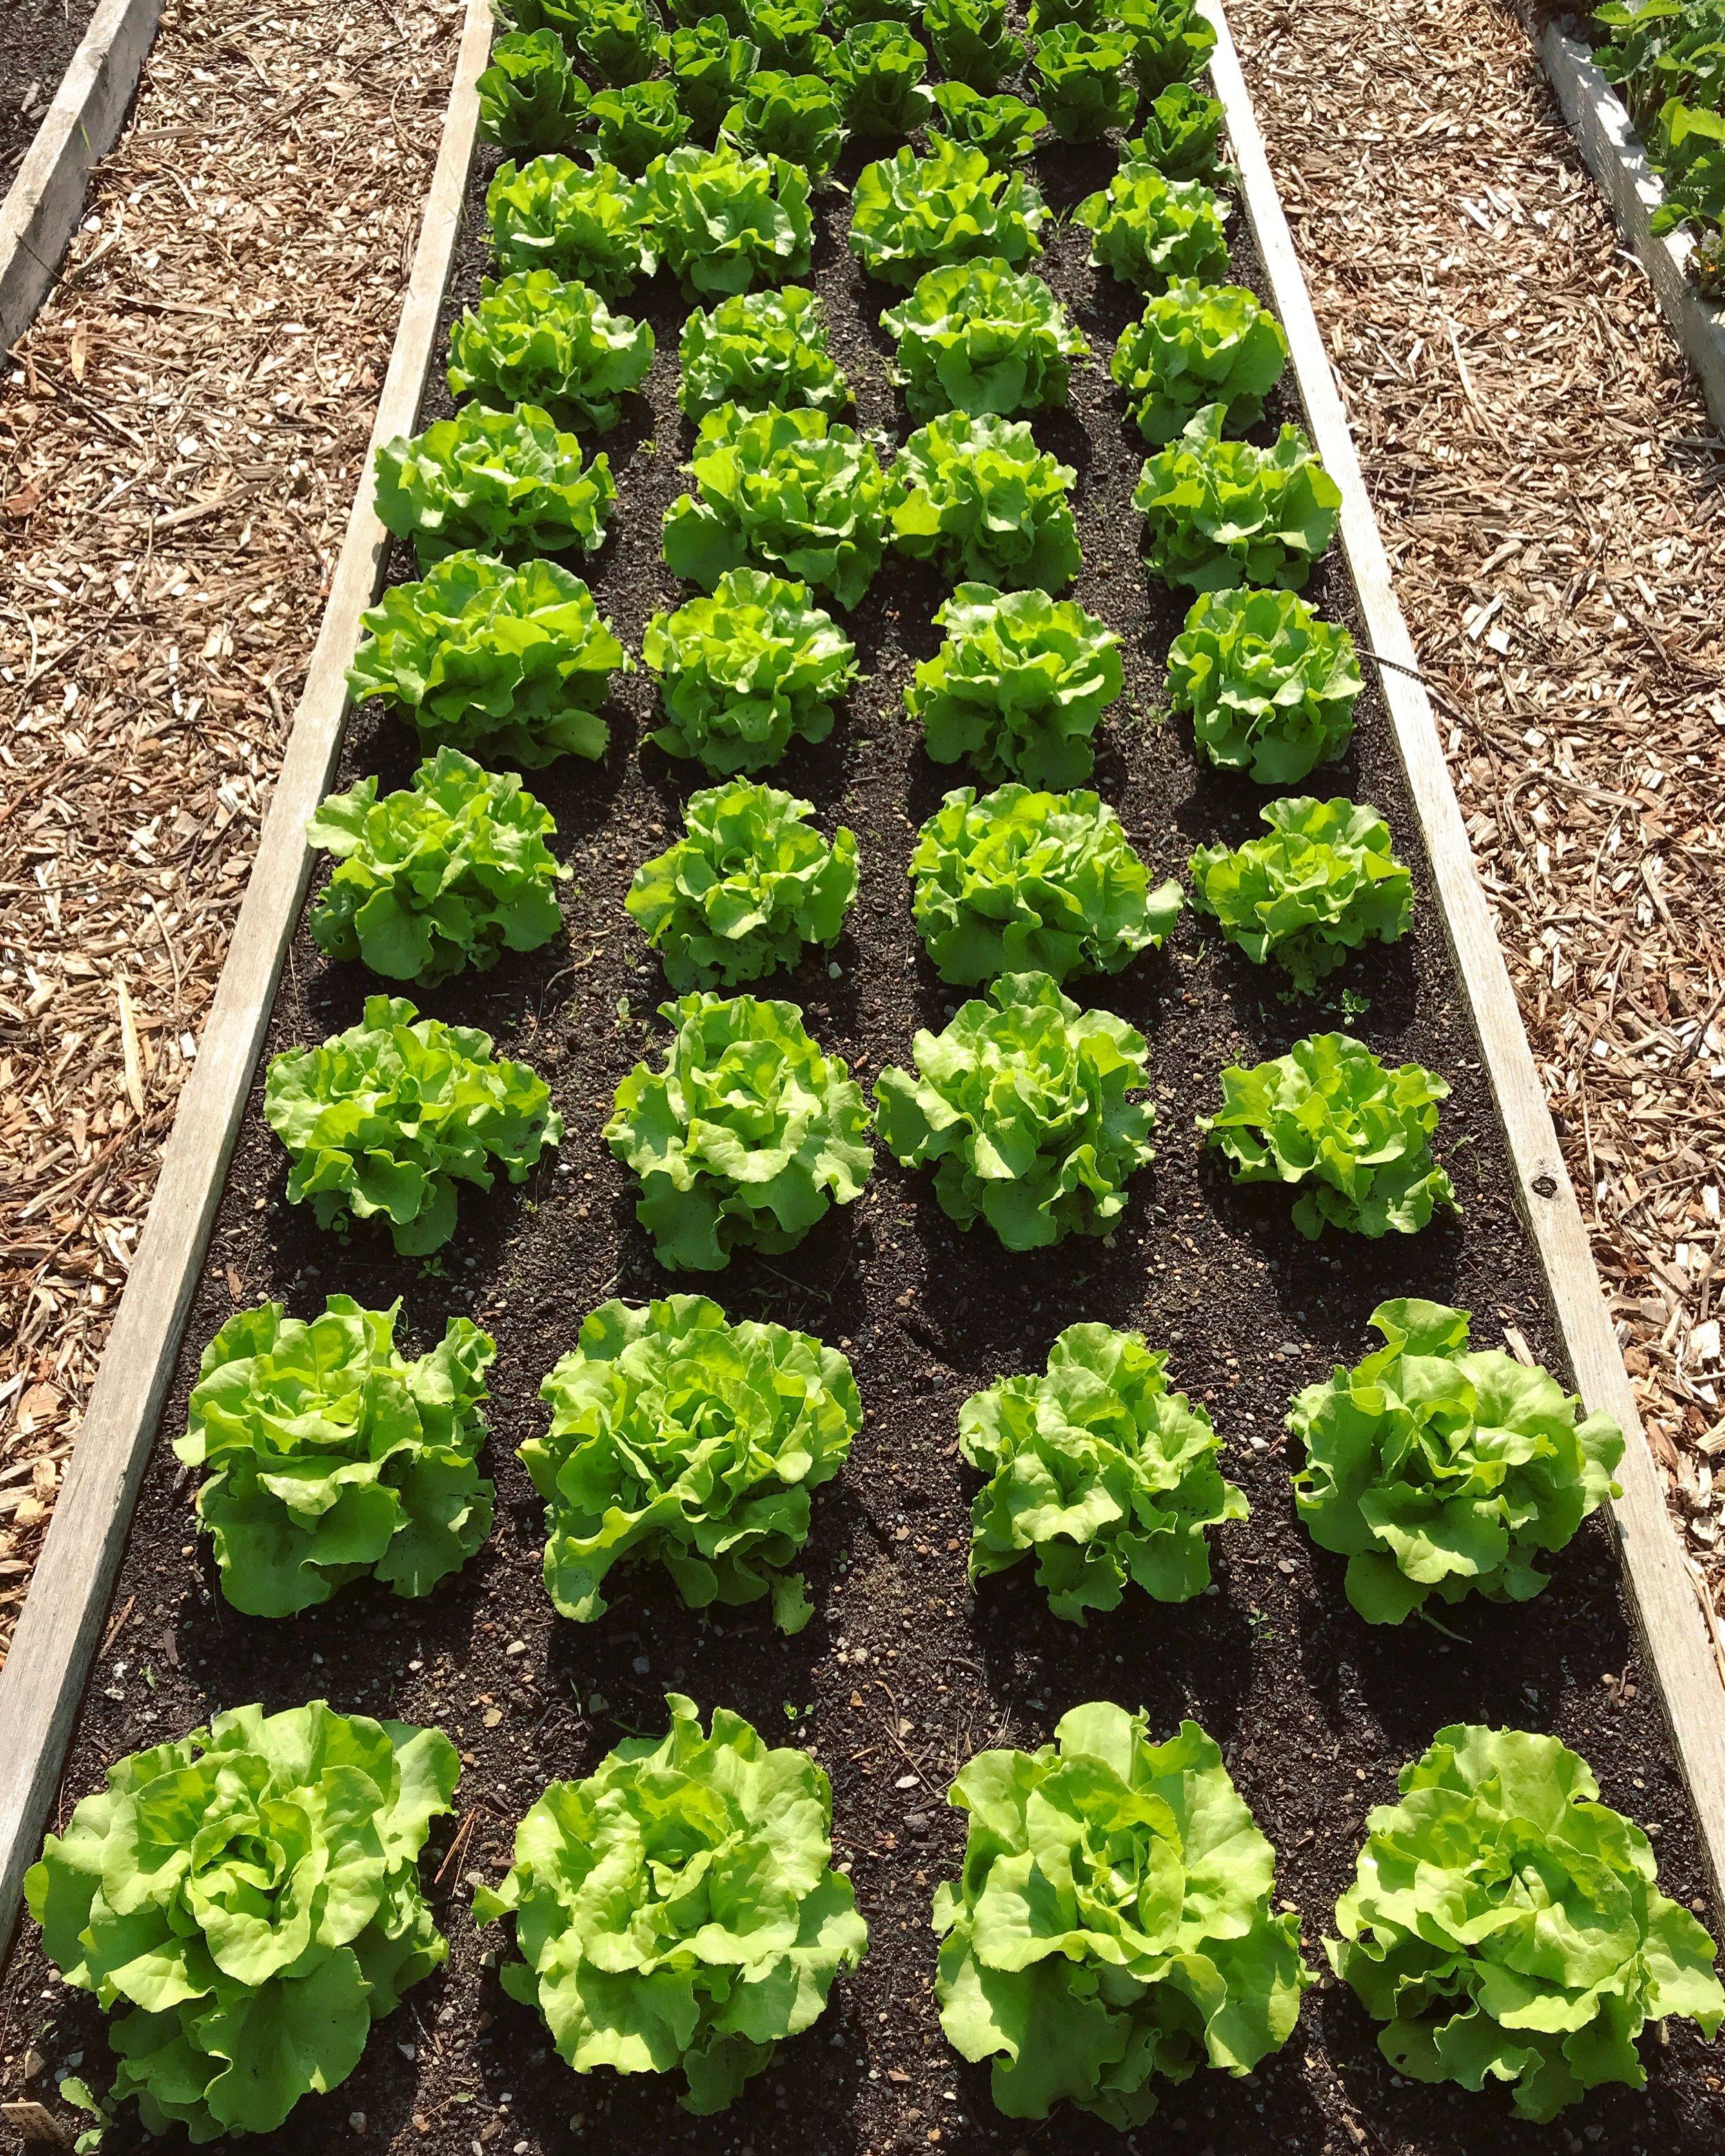 Spring lettuce heads